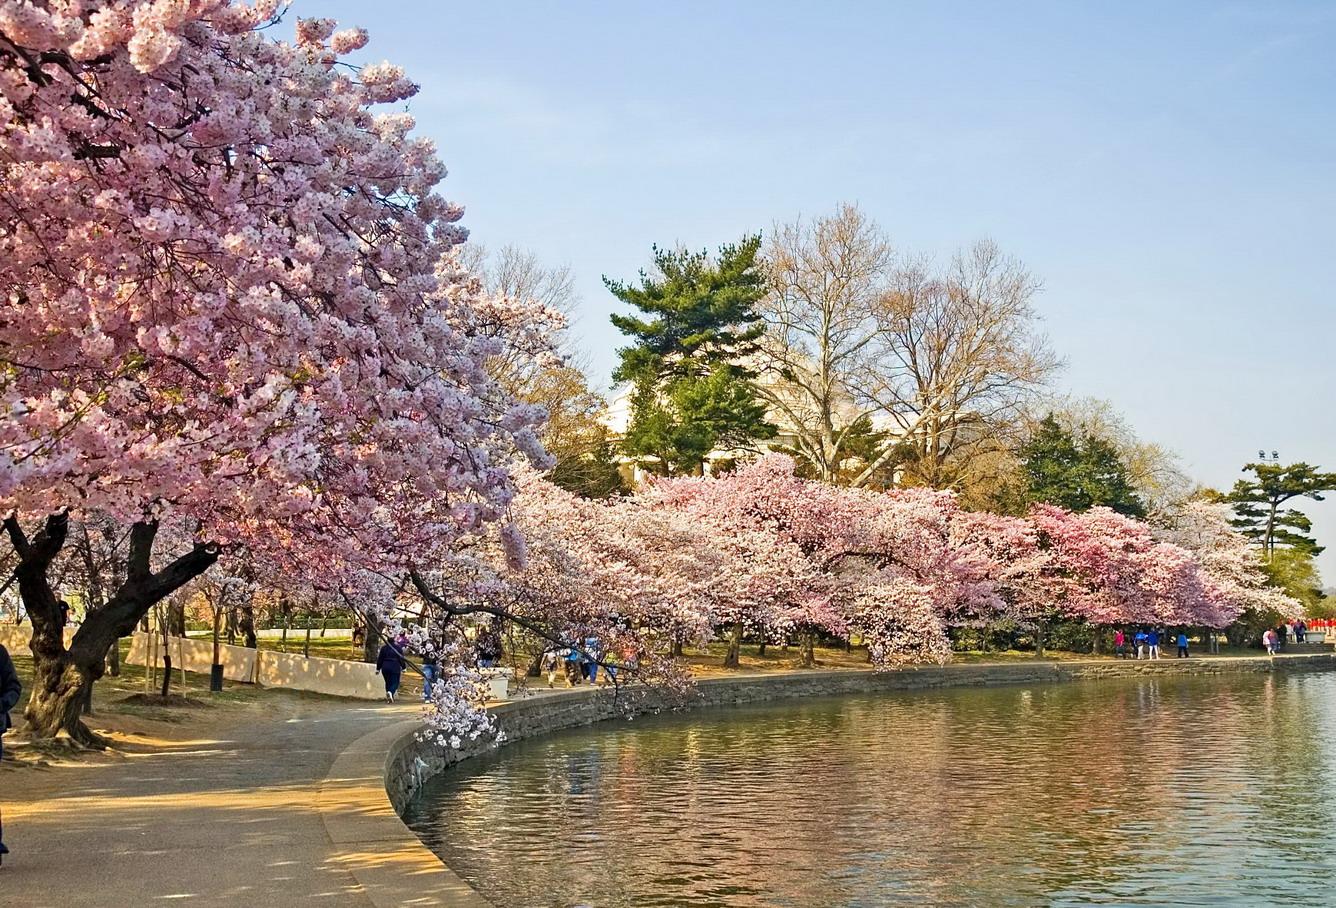 Mùa hoa anh đào đẹp nhất ở nước Mỹ nở vào tháng mấy?